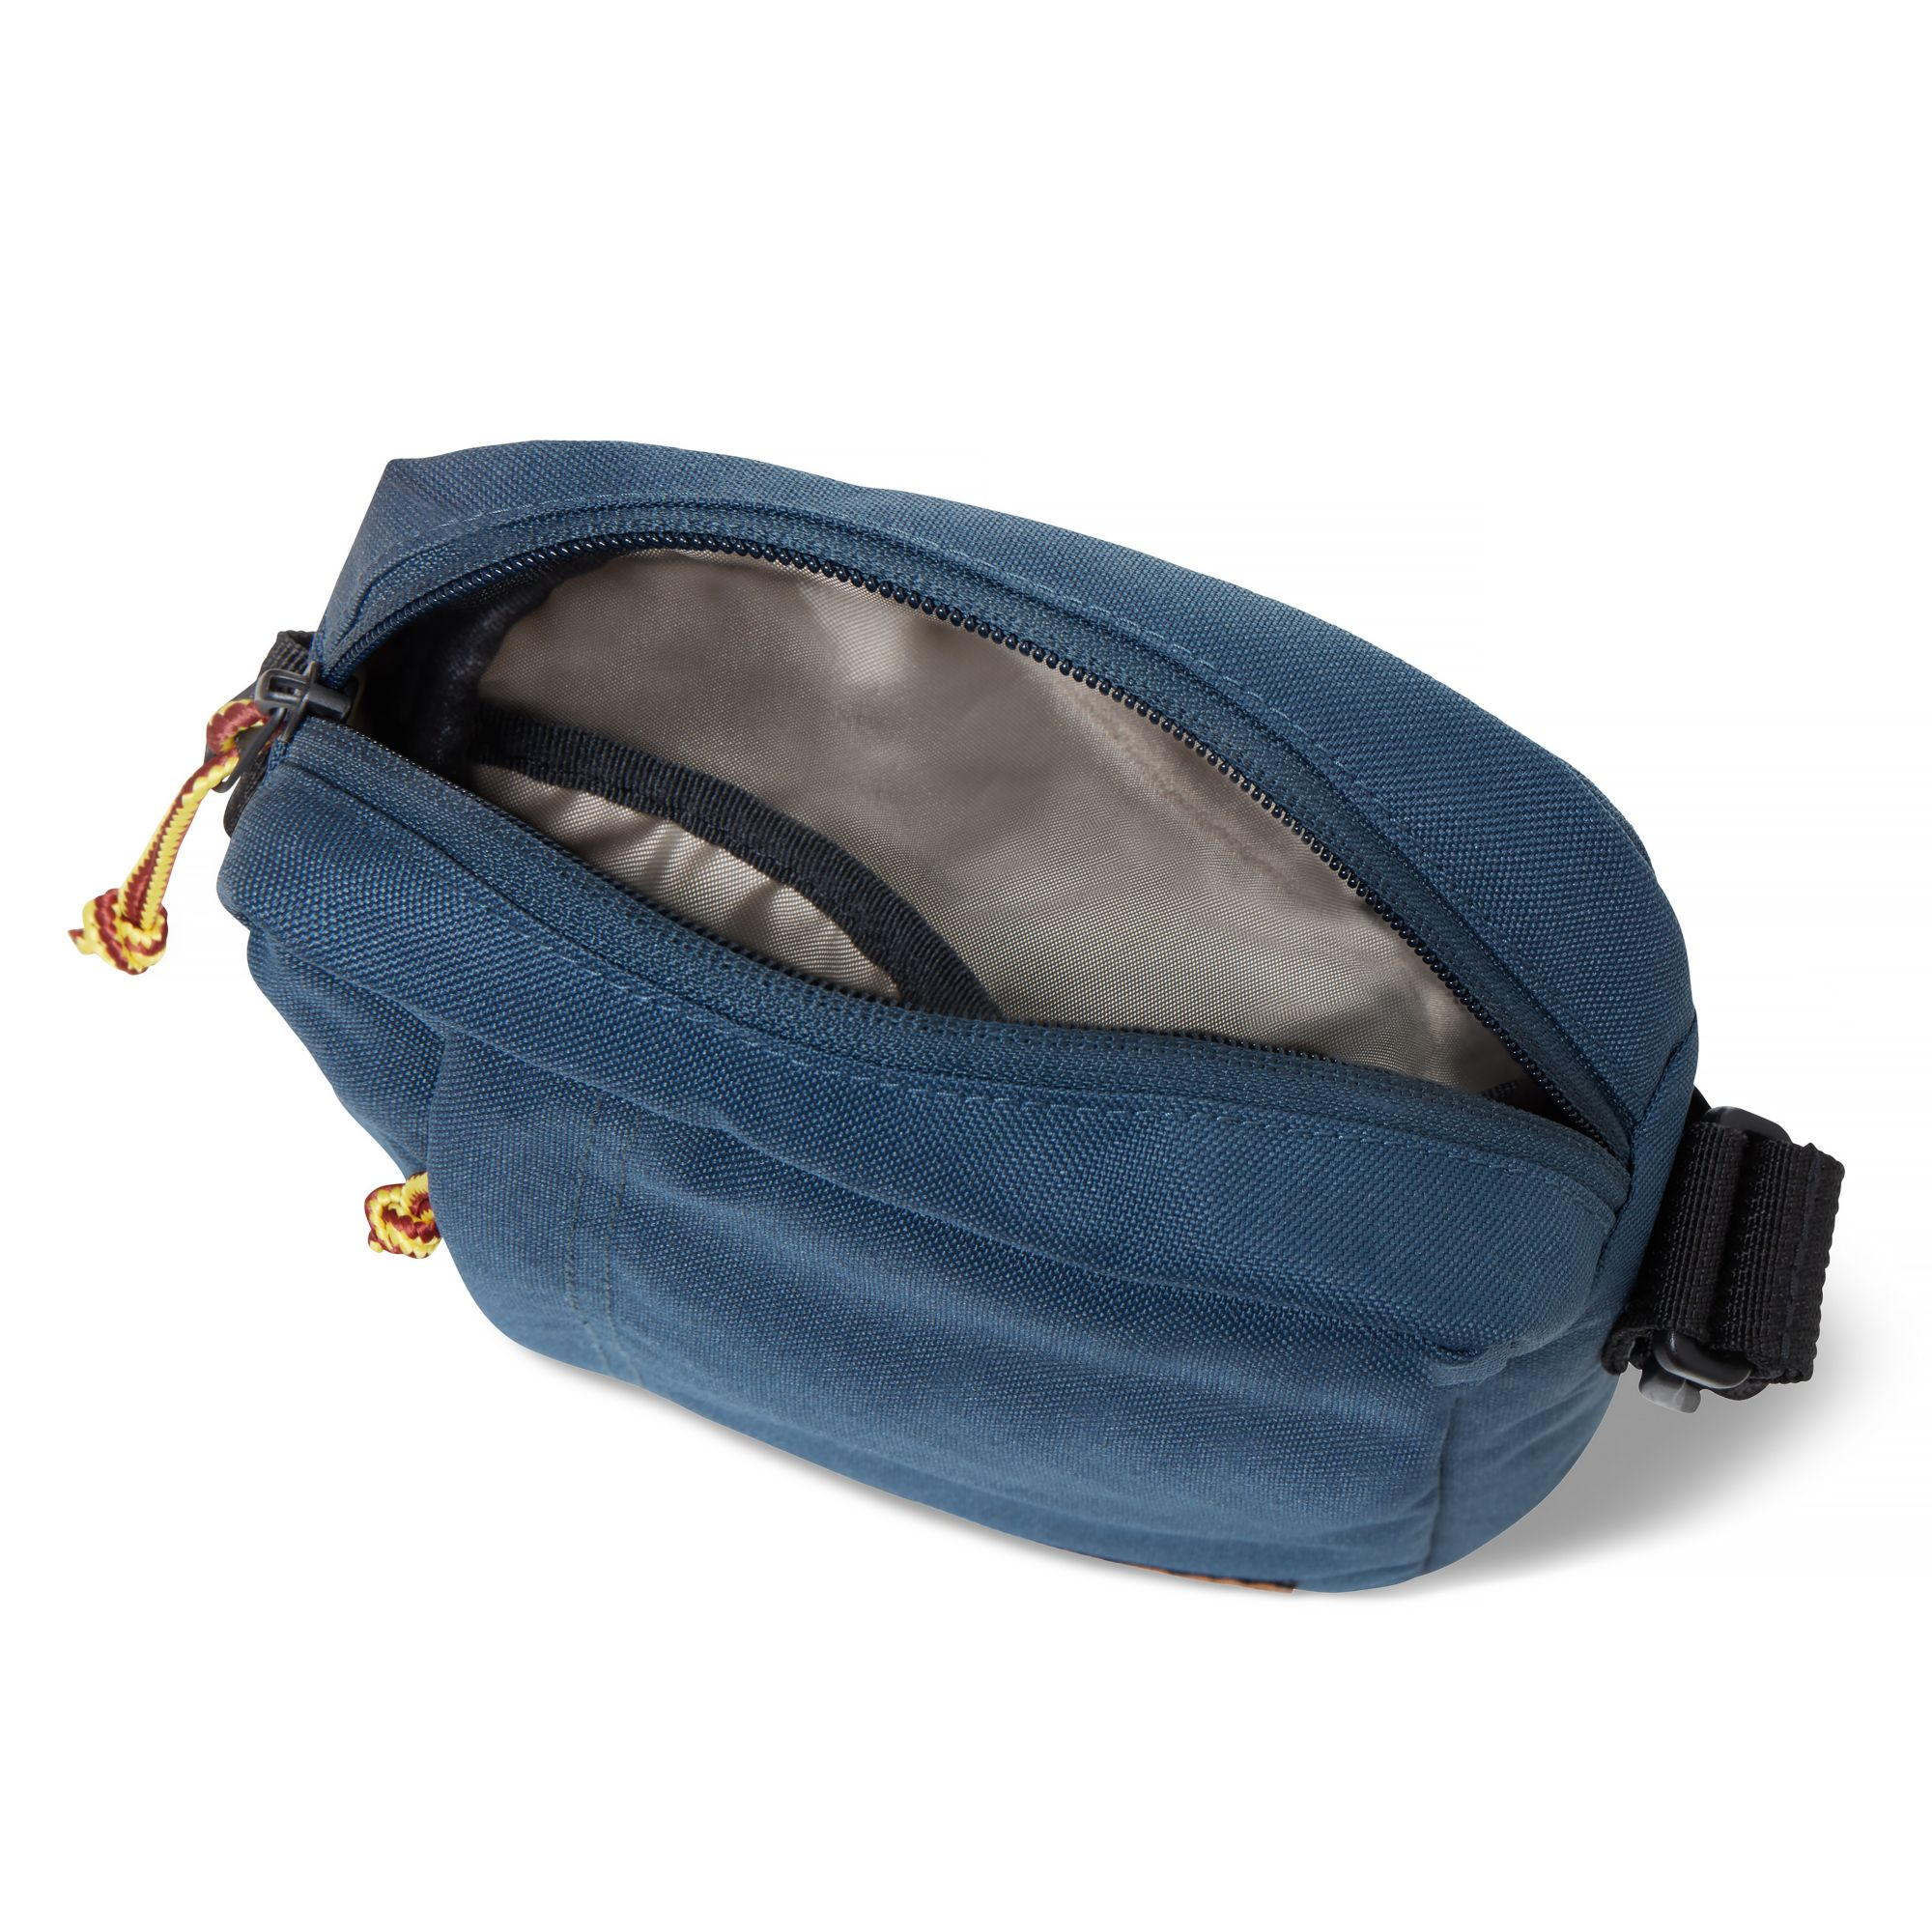 Timberland Crofton Small Items Bag Navy at £21  cd02f4ba68f6a